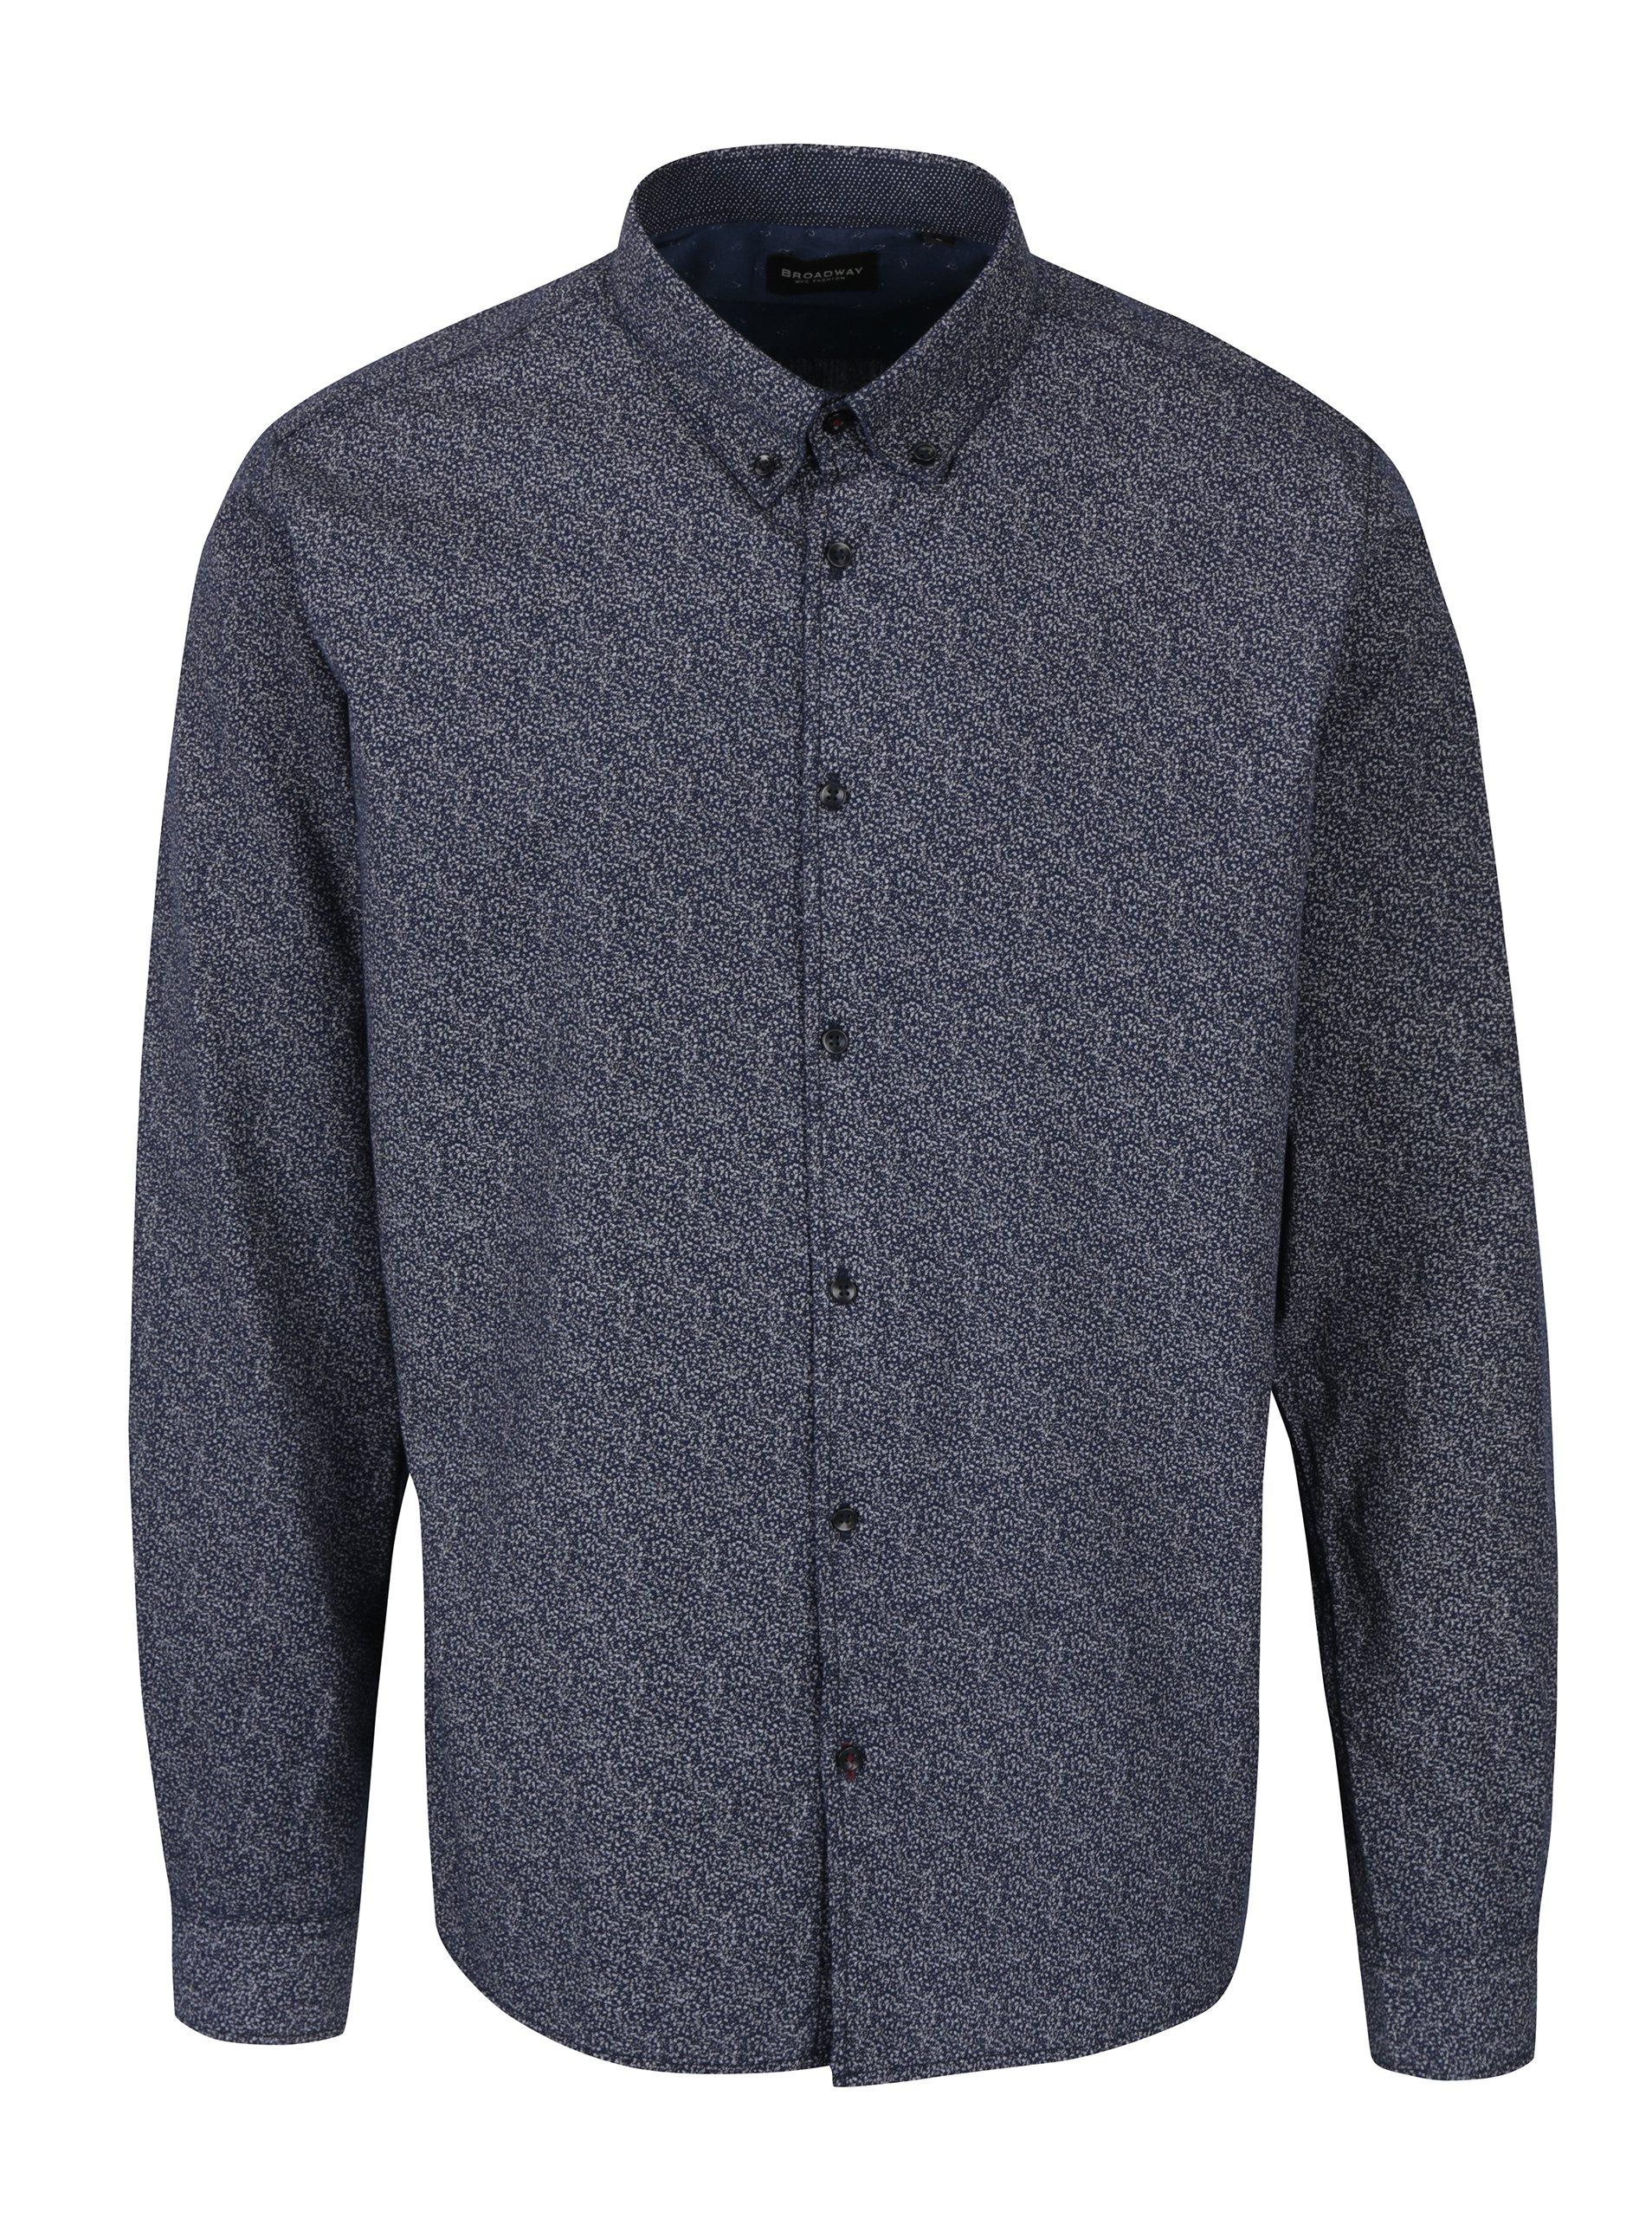 Tmavě modrá pánská vzorovaná košile Broadway Oriol